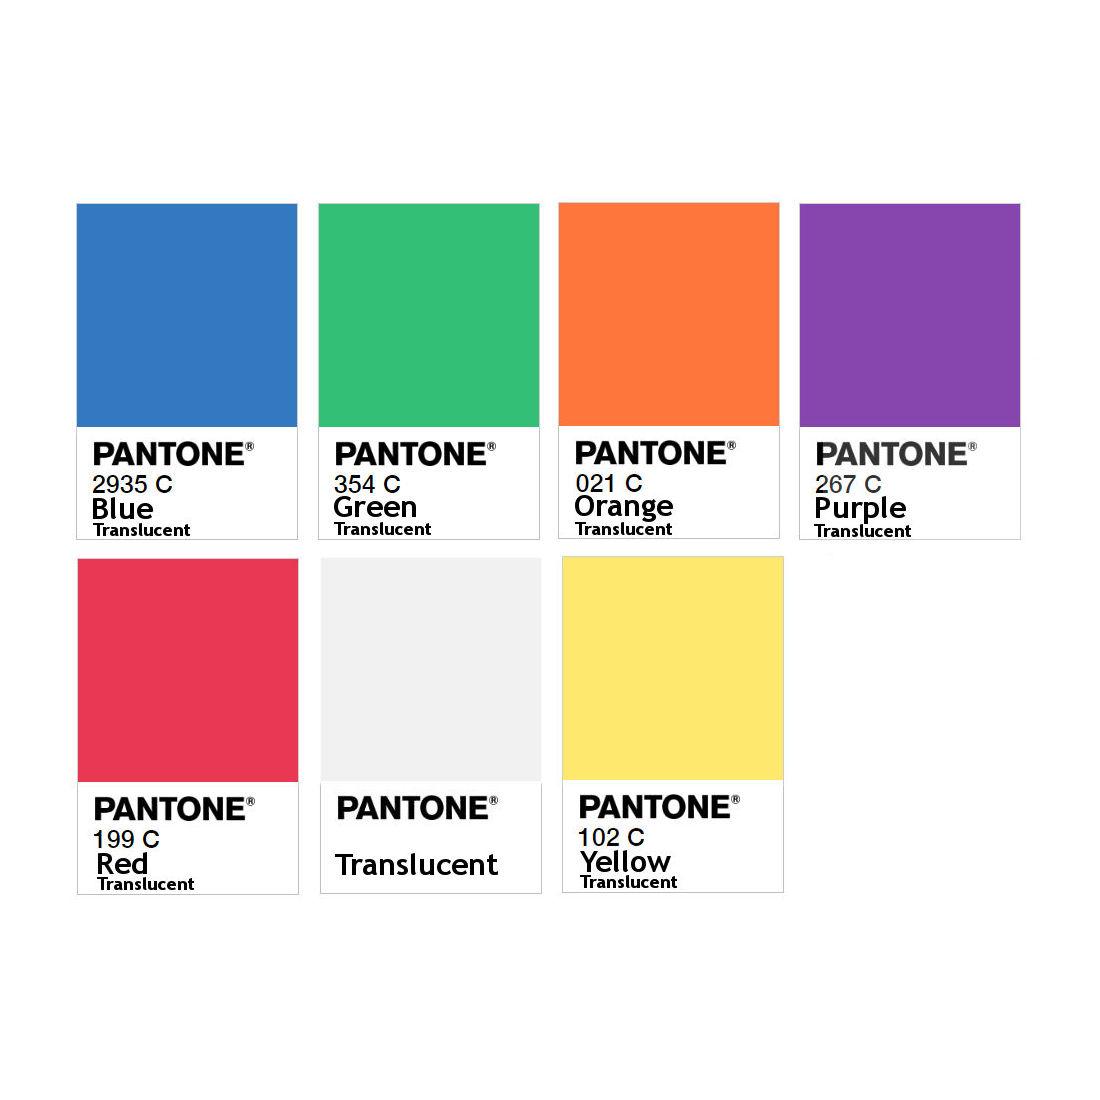 PETG Filament Pantone Translucent - 1.75mm 3D Printer Filament